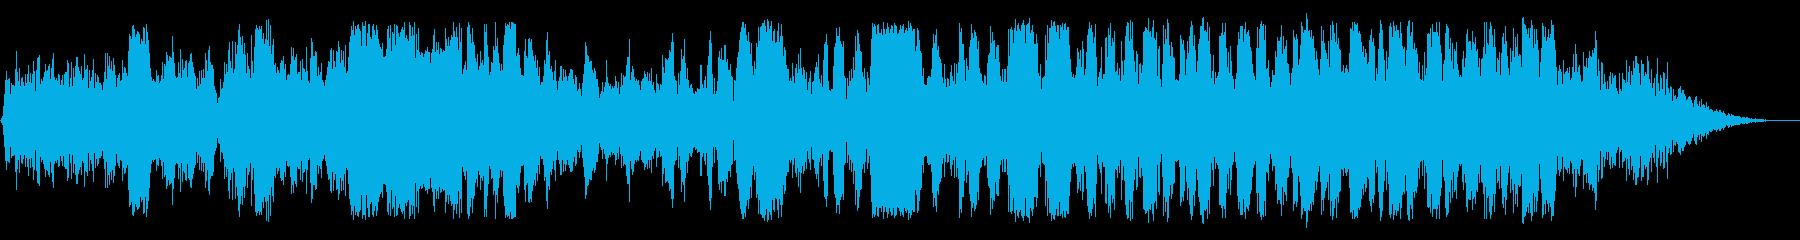 暴走族 02の再生済みの波形